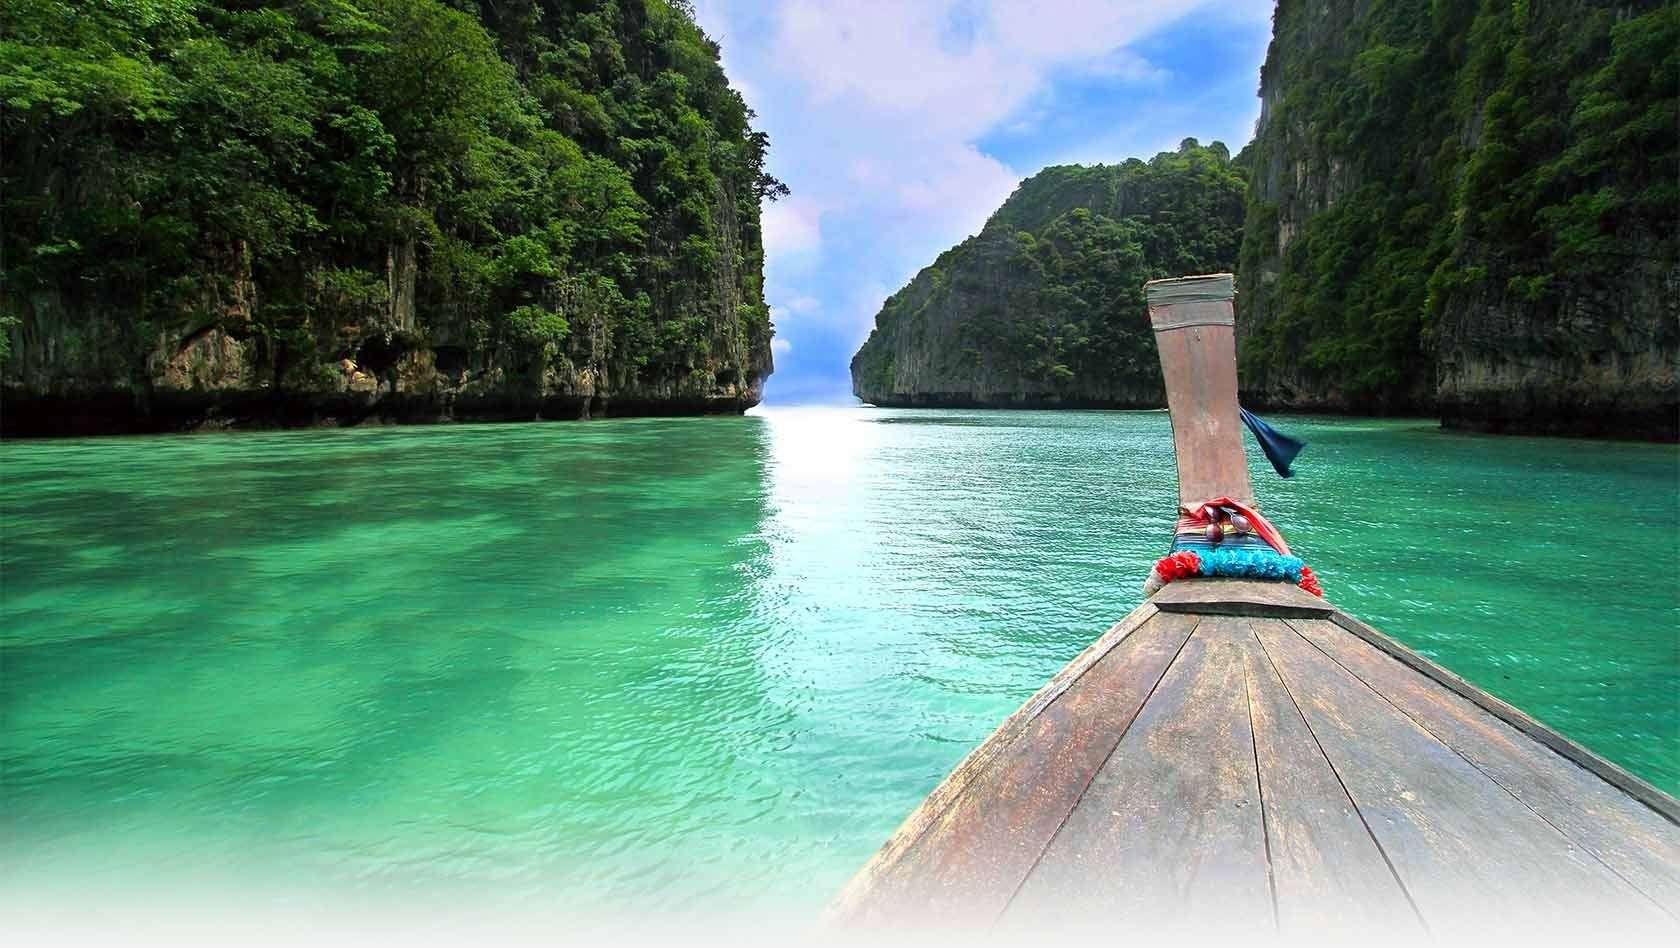 Những bãi biển ở Phuket vô cùng xinh đẹp và thơ mộng